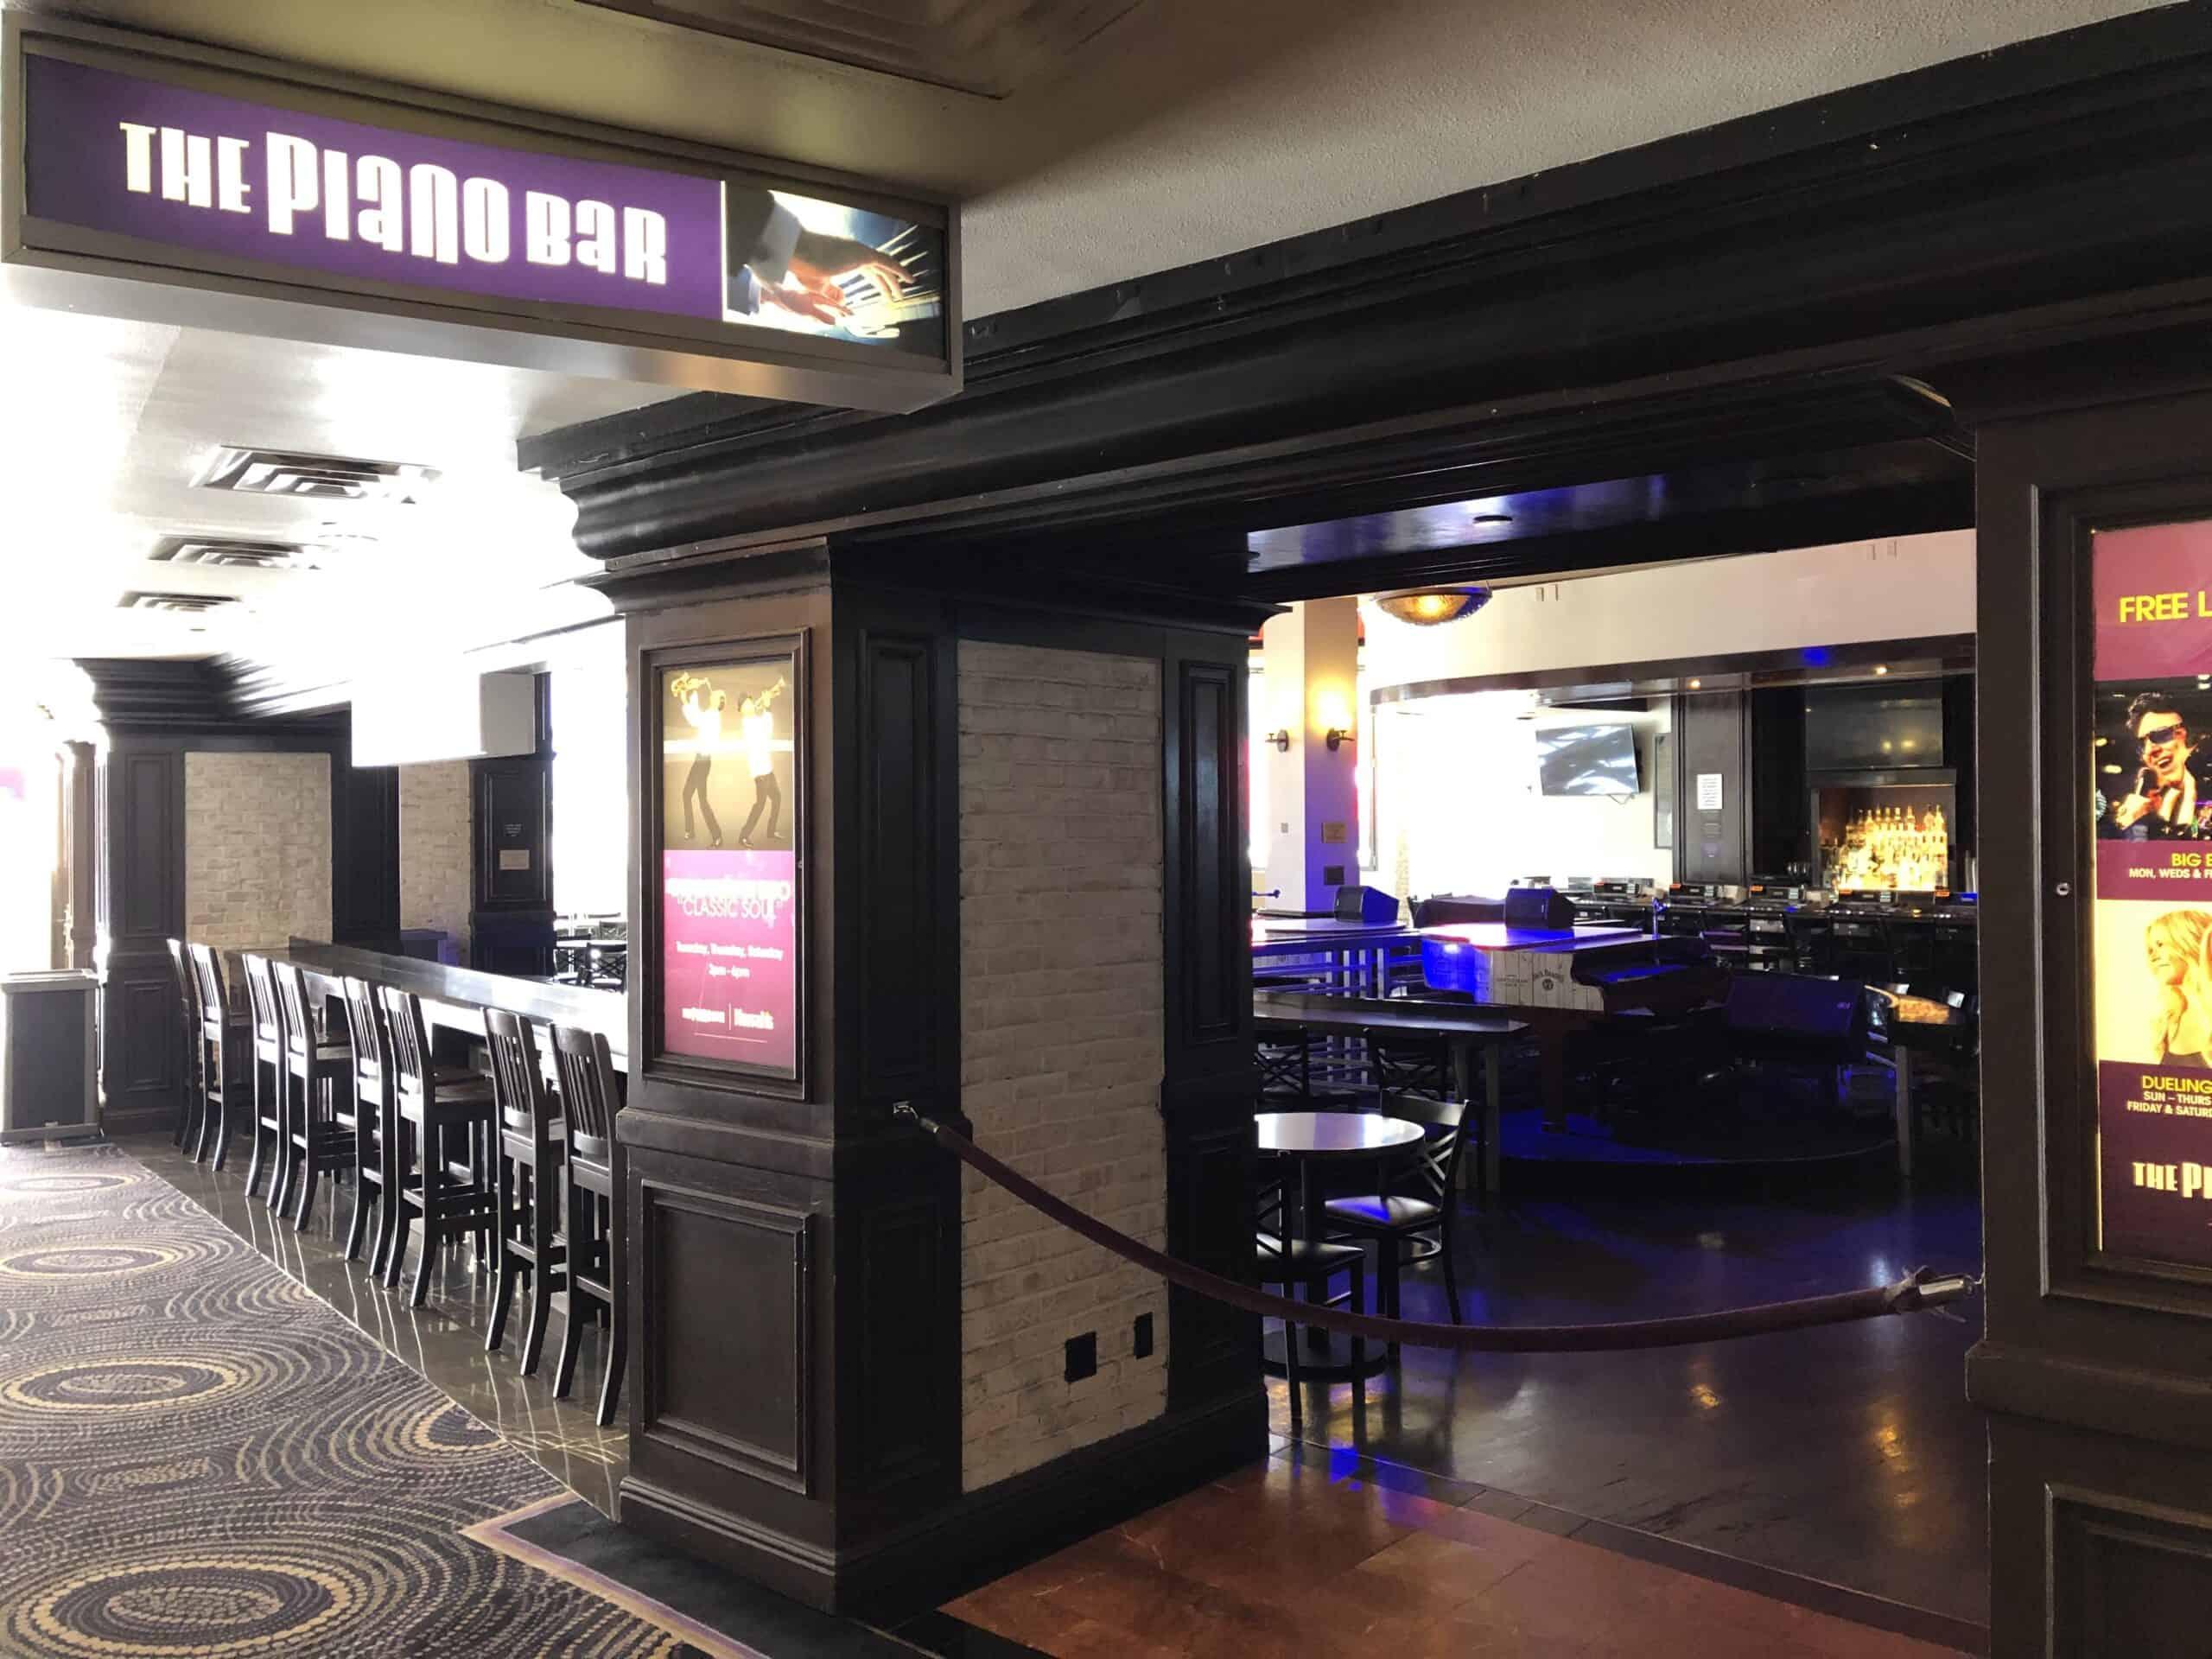 Piano Bar at Harrah's Las Vegas